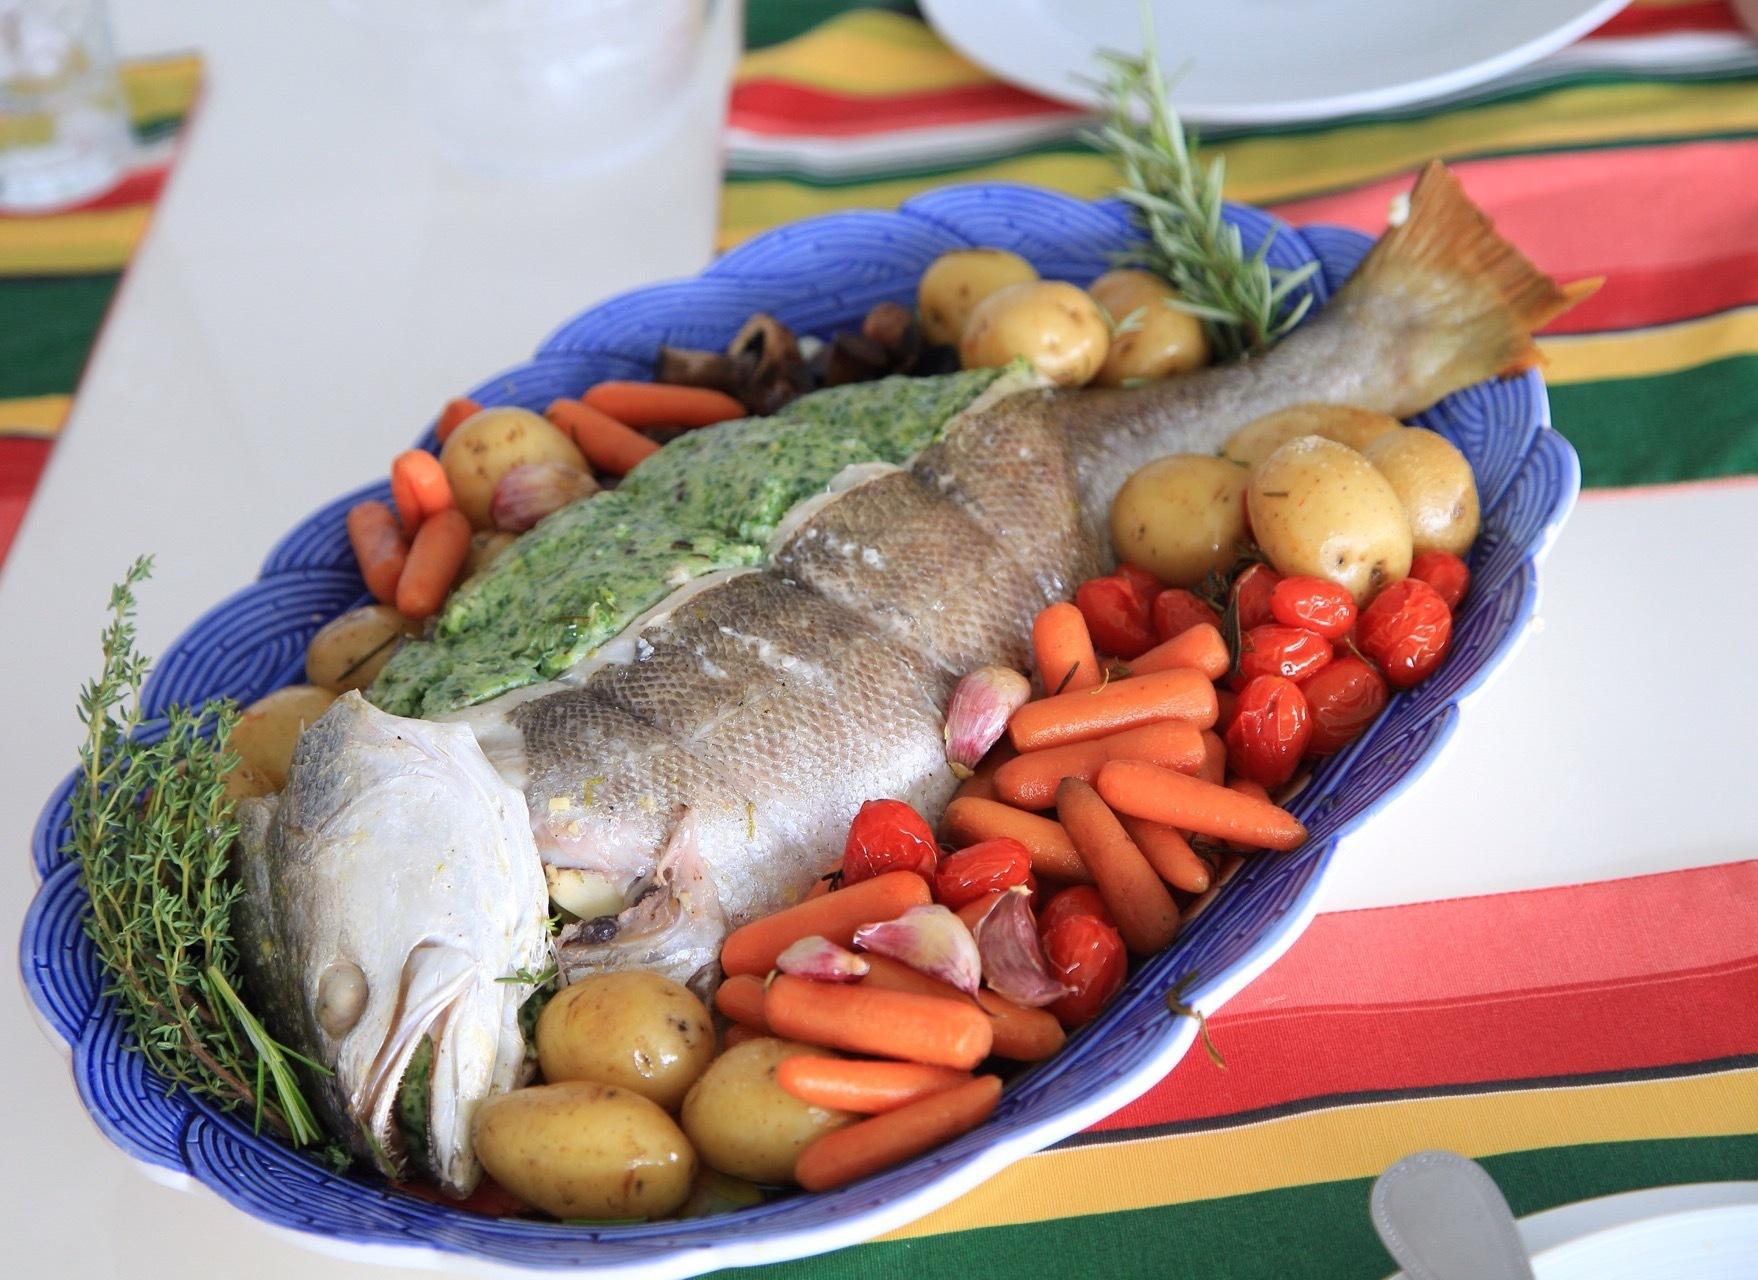 qual o melhor acompanhamento para servir com um peixe assado ou frito